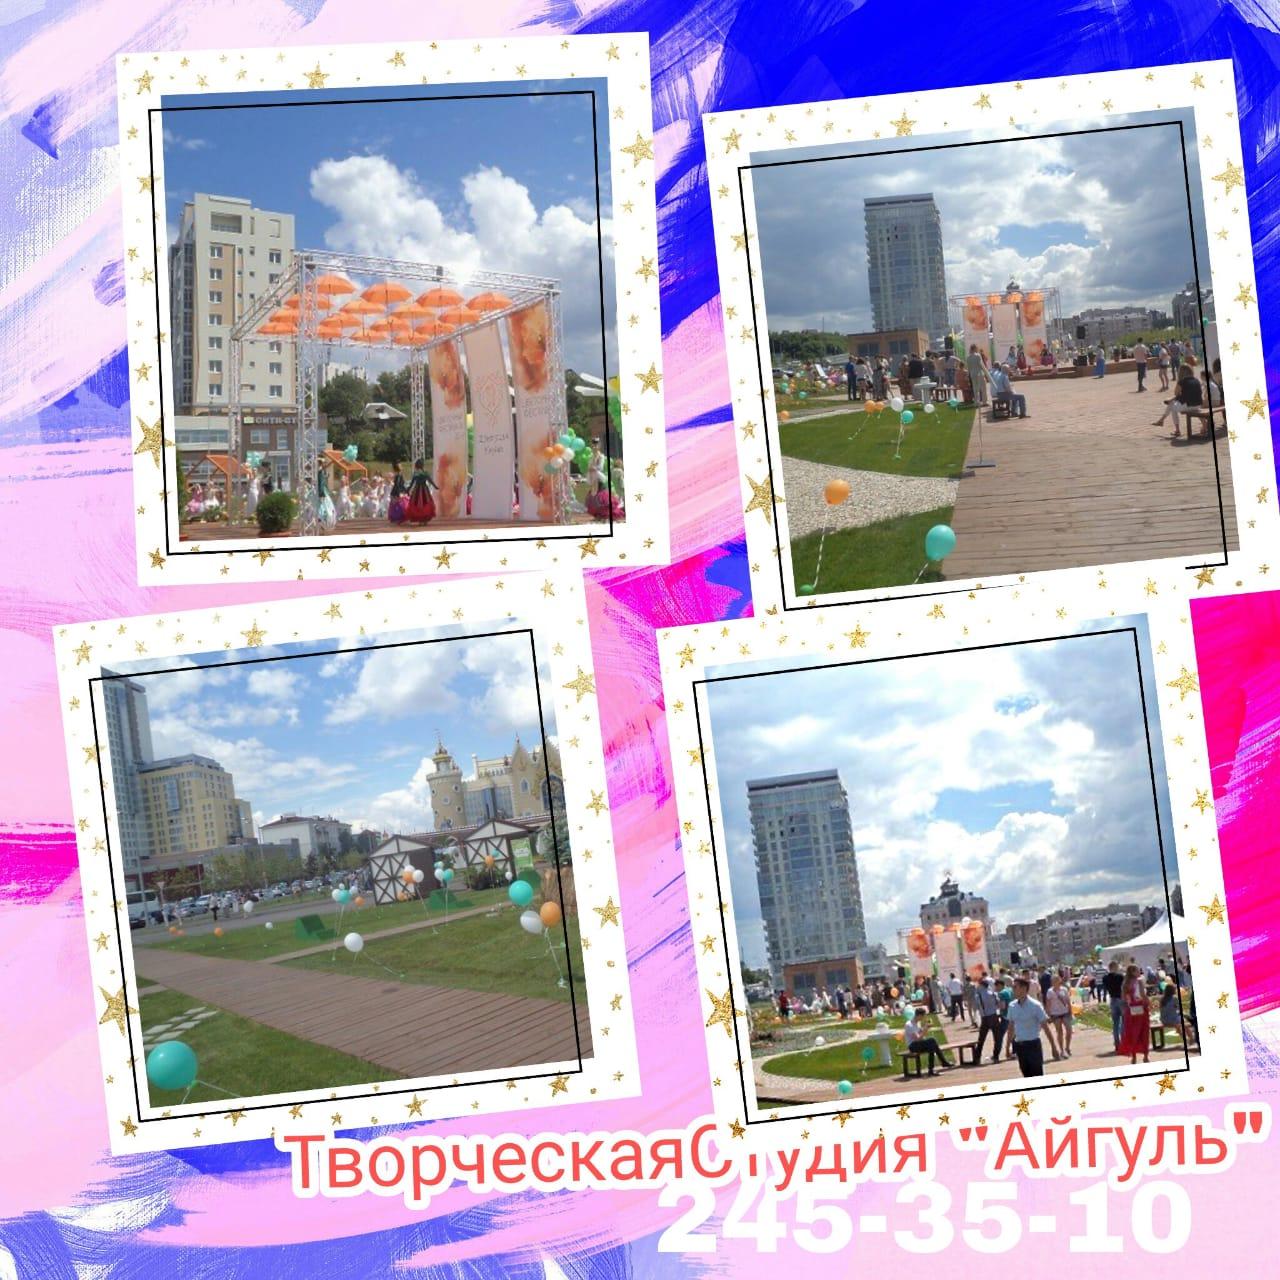 http://xn--116-5cdp9ap7d5d.xn--p1ai/images/upload/e01638c2-cd63-4c4d-8480-6d5d96bbe756.jpg